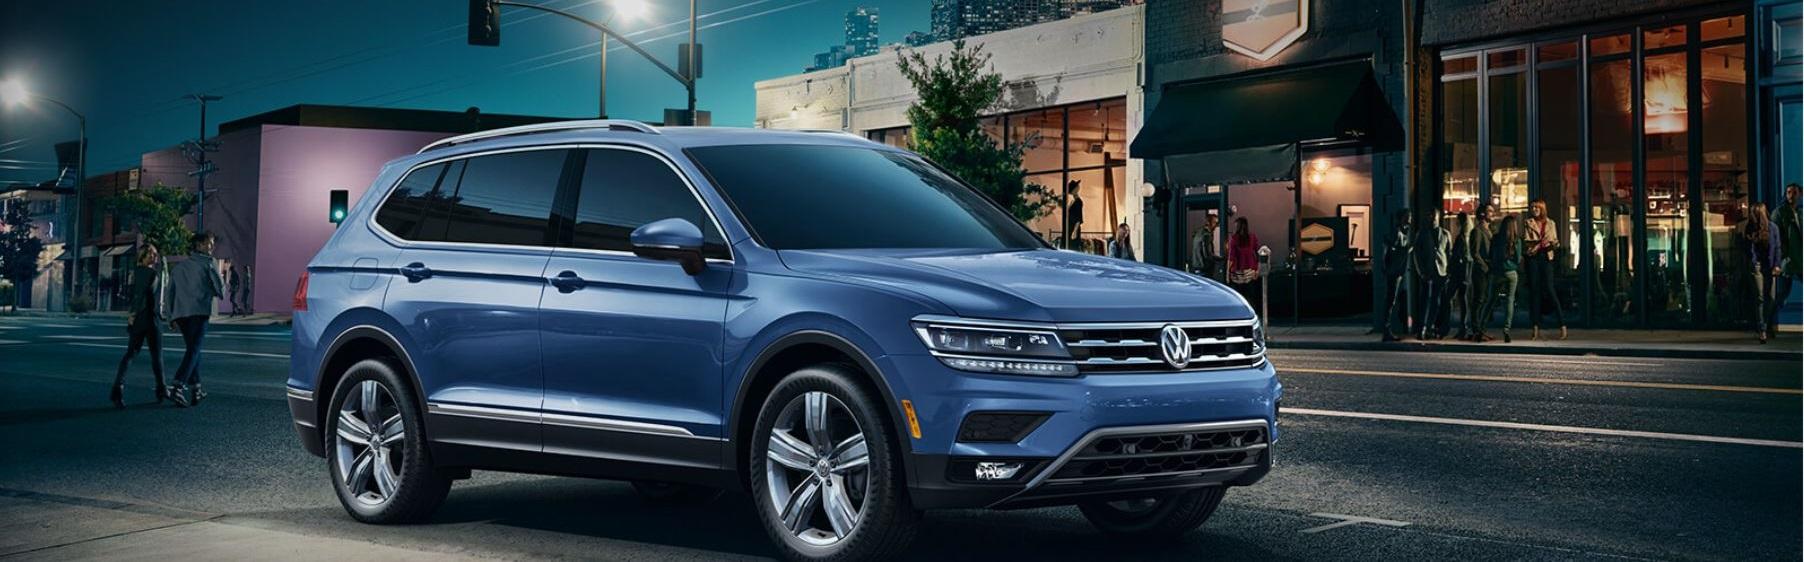 2019 Volkswagen Tiguan Leasing near Alexandria, VA